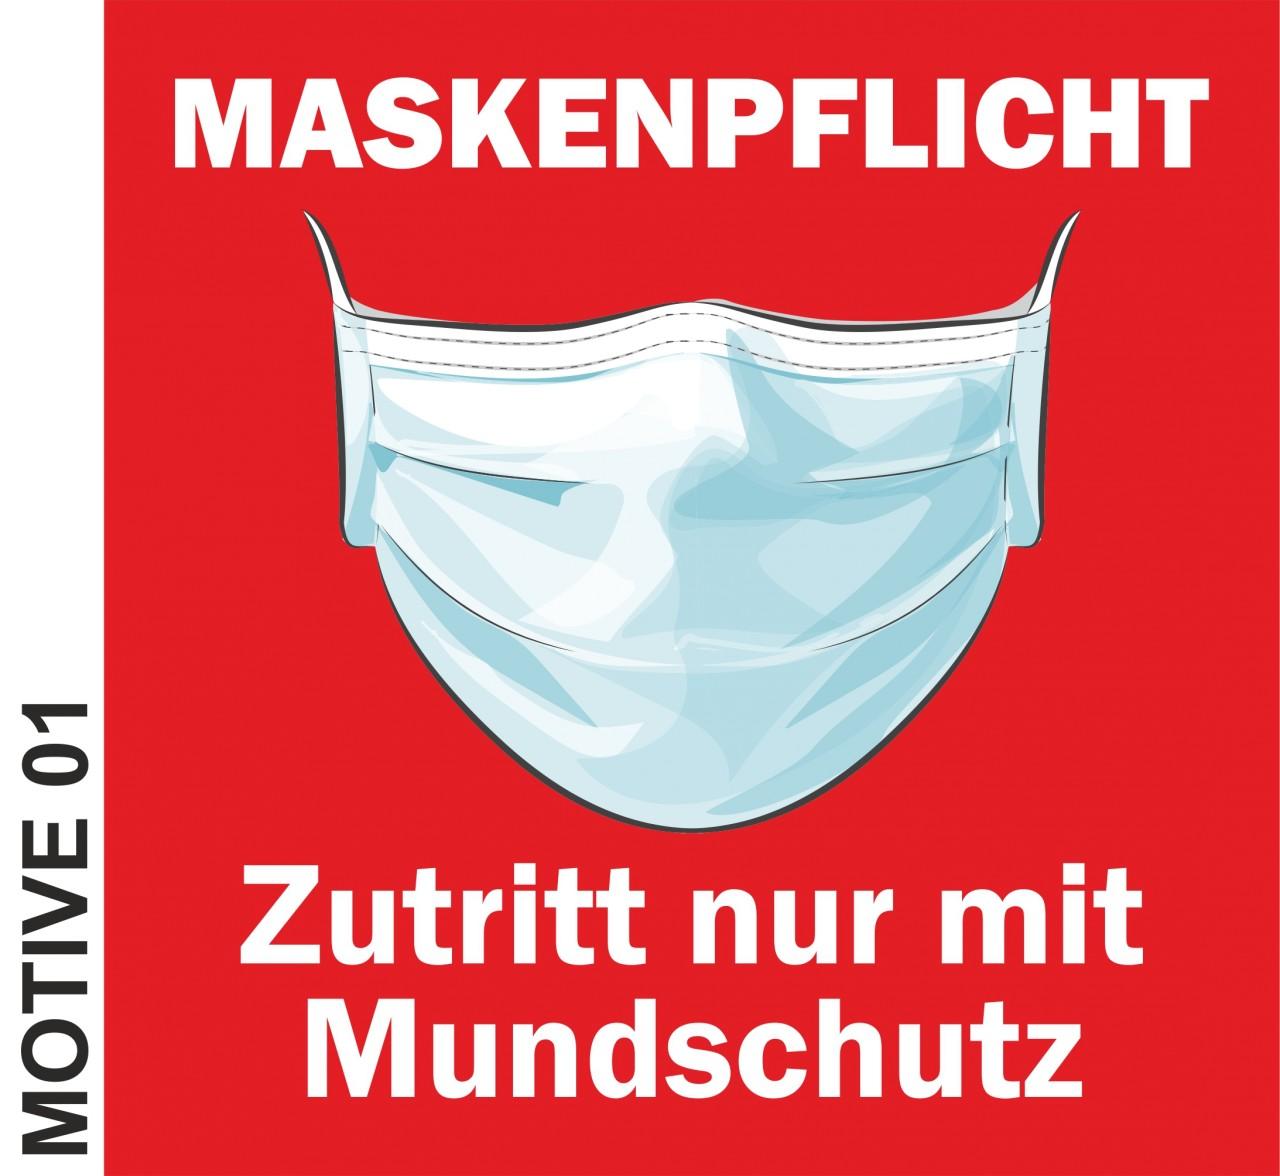 Maskenpflicht Aufkleber / Mund-Nasen-Schutz Aufkleber